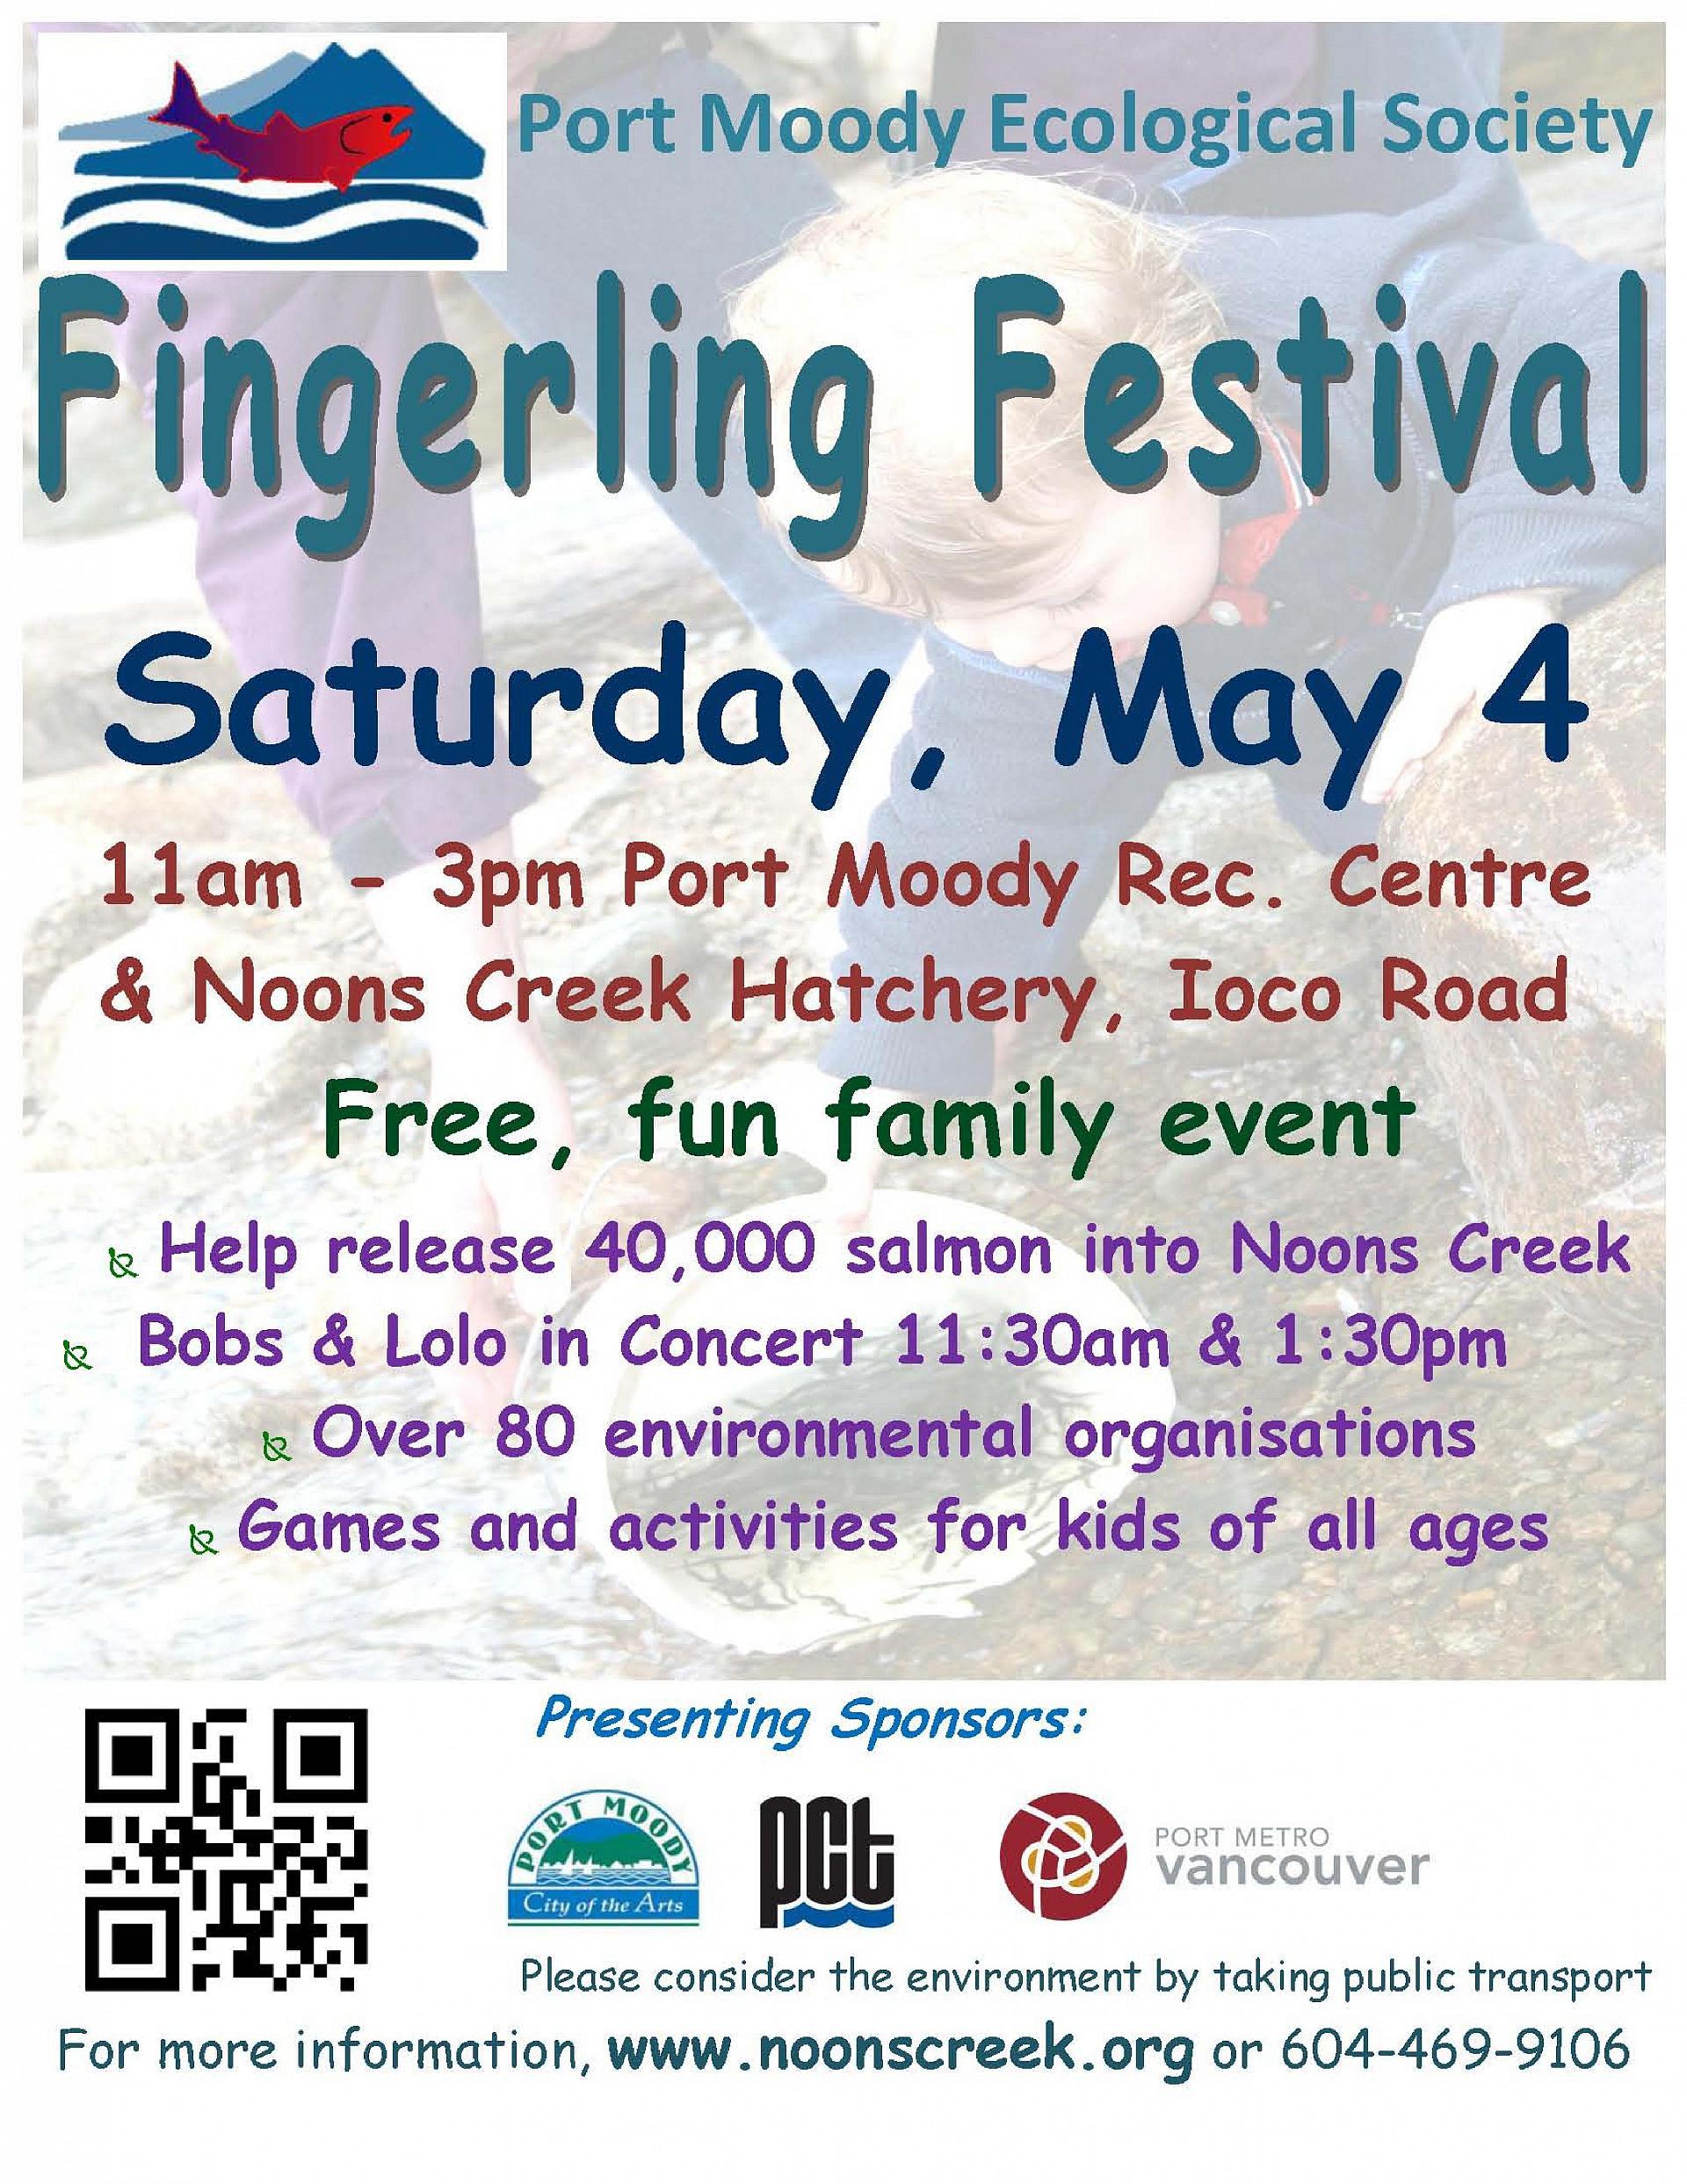 Fingerling Festival Poster 2013